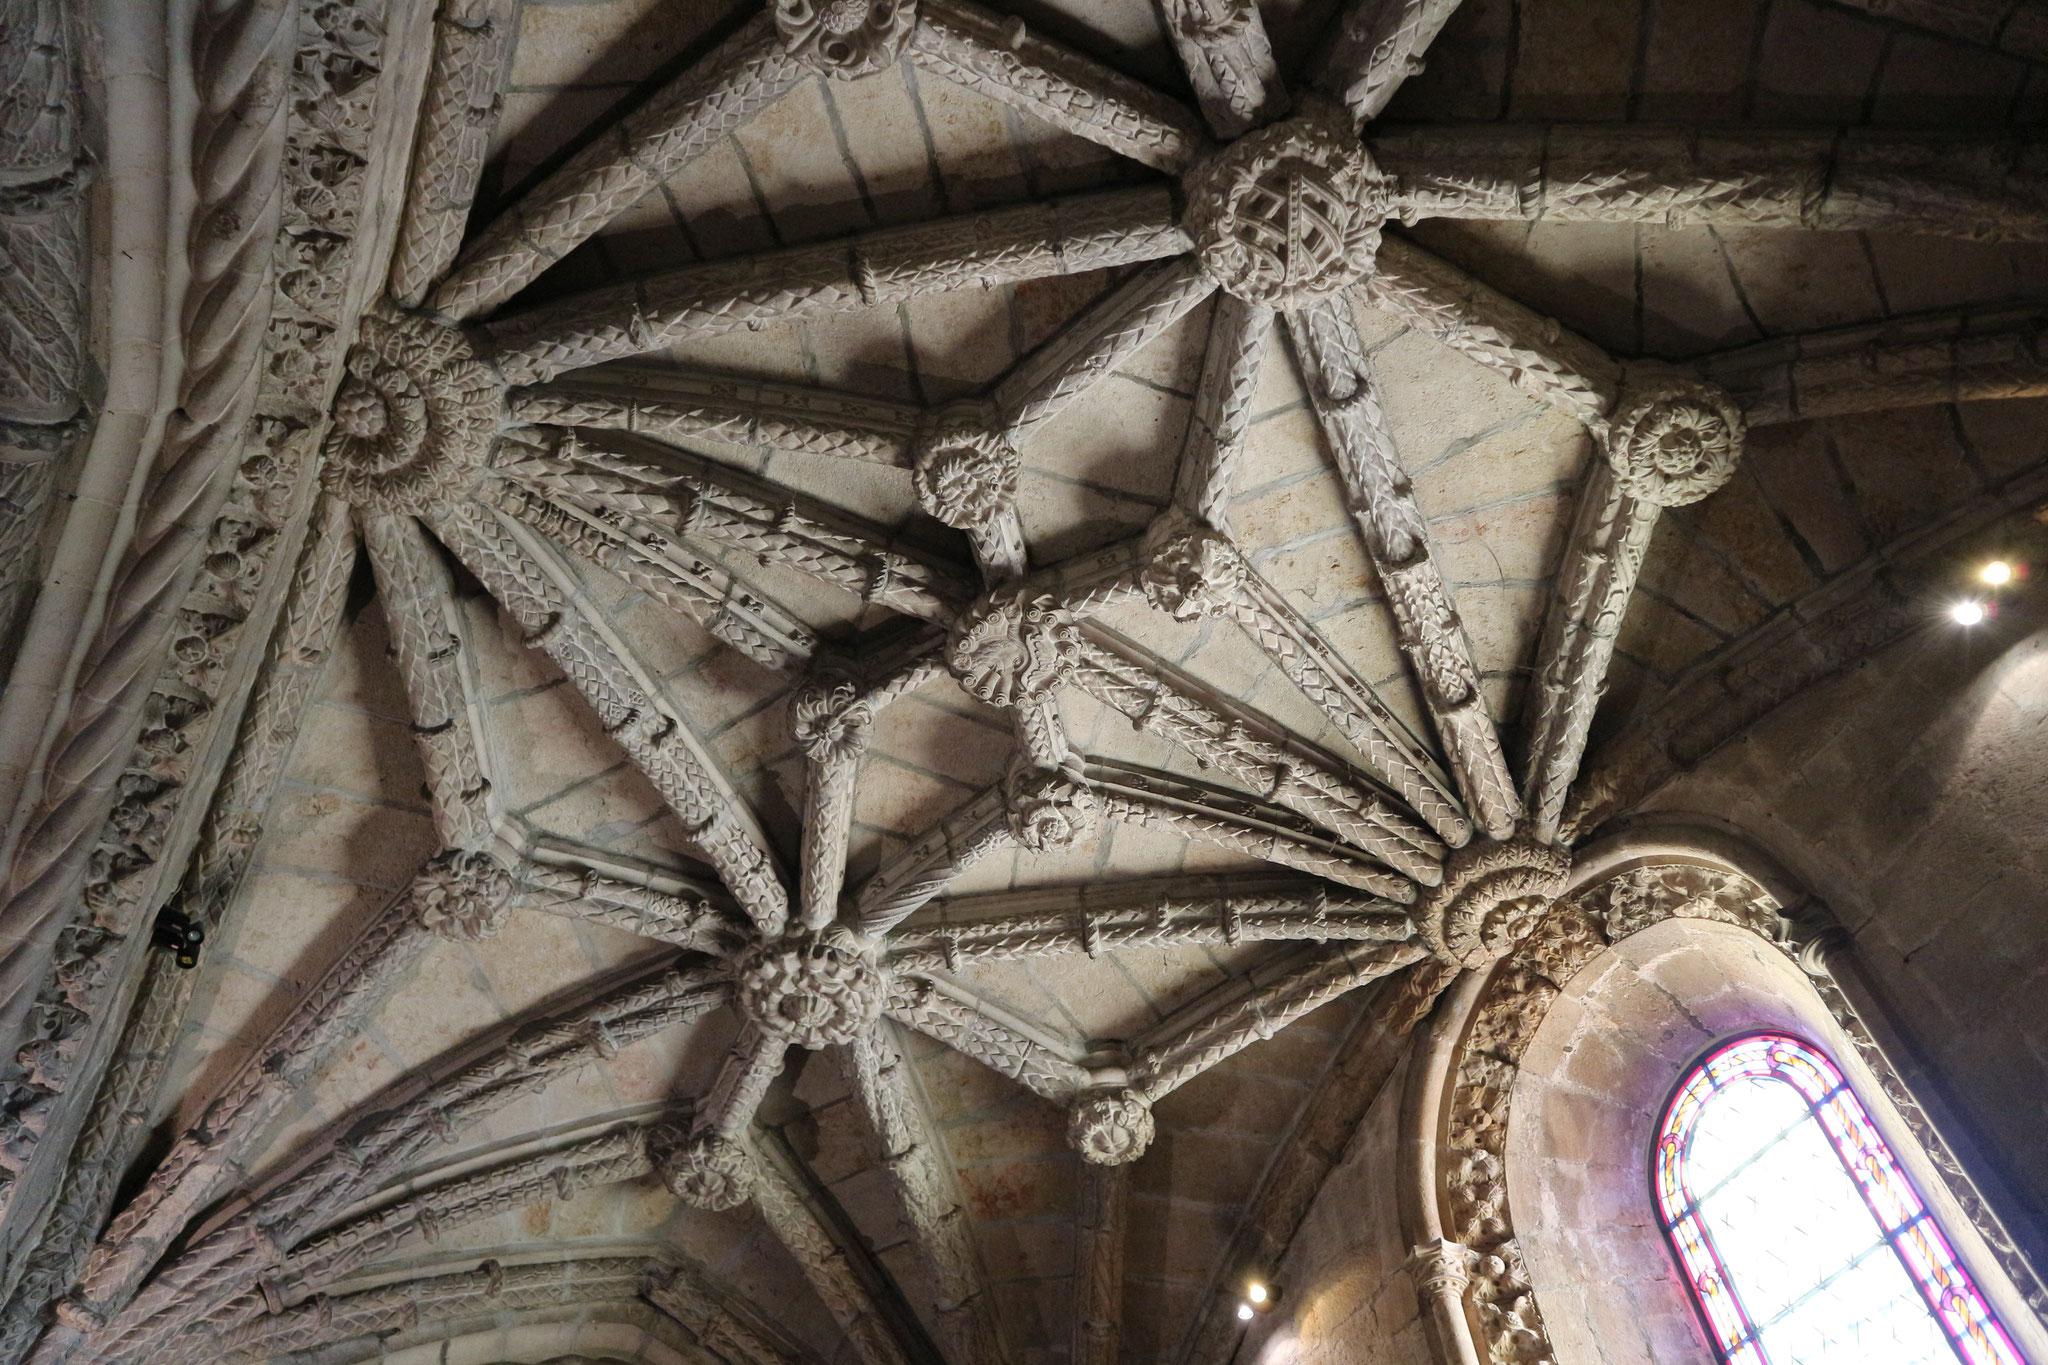 In der Kirche des Jeronimo Klosters in Lissabon. Dank einer sehr guten Free Walking Tour haben wir genau erfahren wie viel Symbolik und Details in diesen Verzierungen stecken und wie viel Arbeit sich die Menschen damals mit so was gemacht haben.